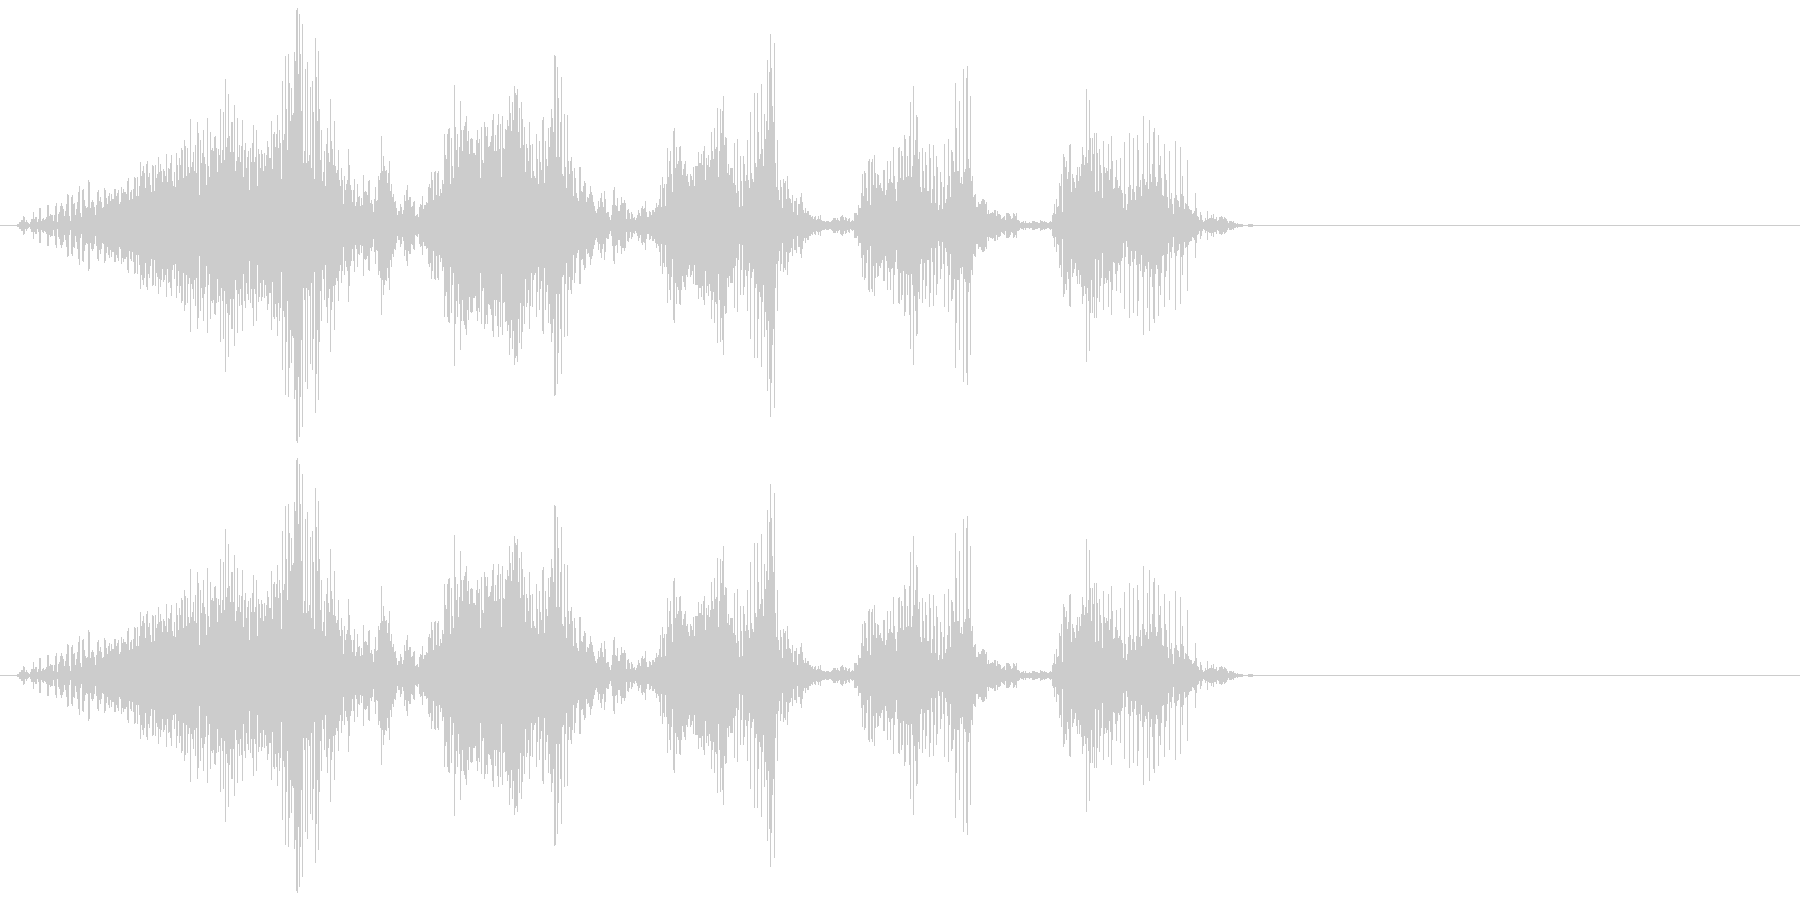 魔王の笑い声(低めのエフェクトボイス)の未再生の波形